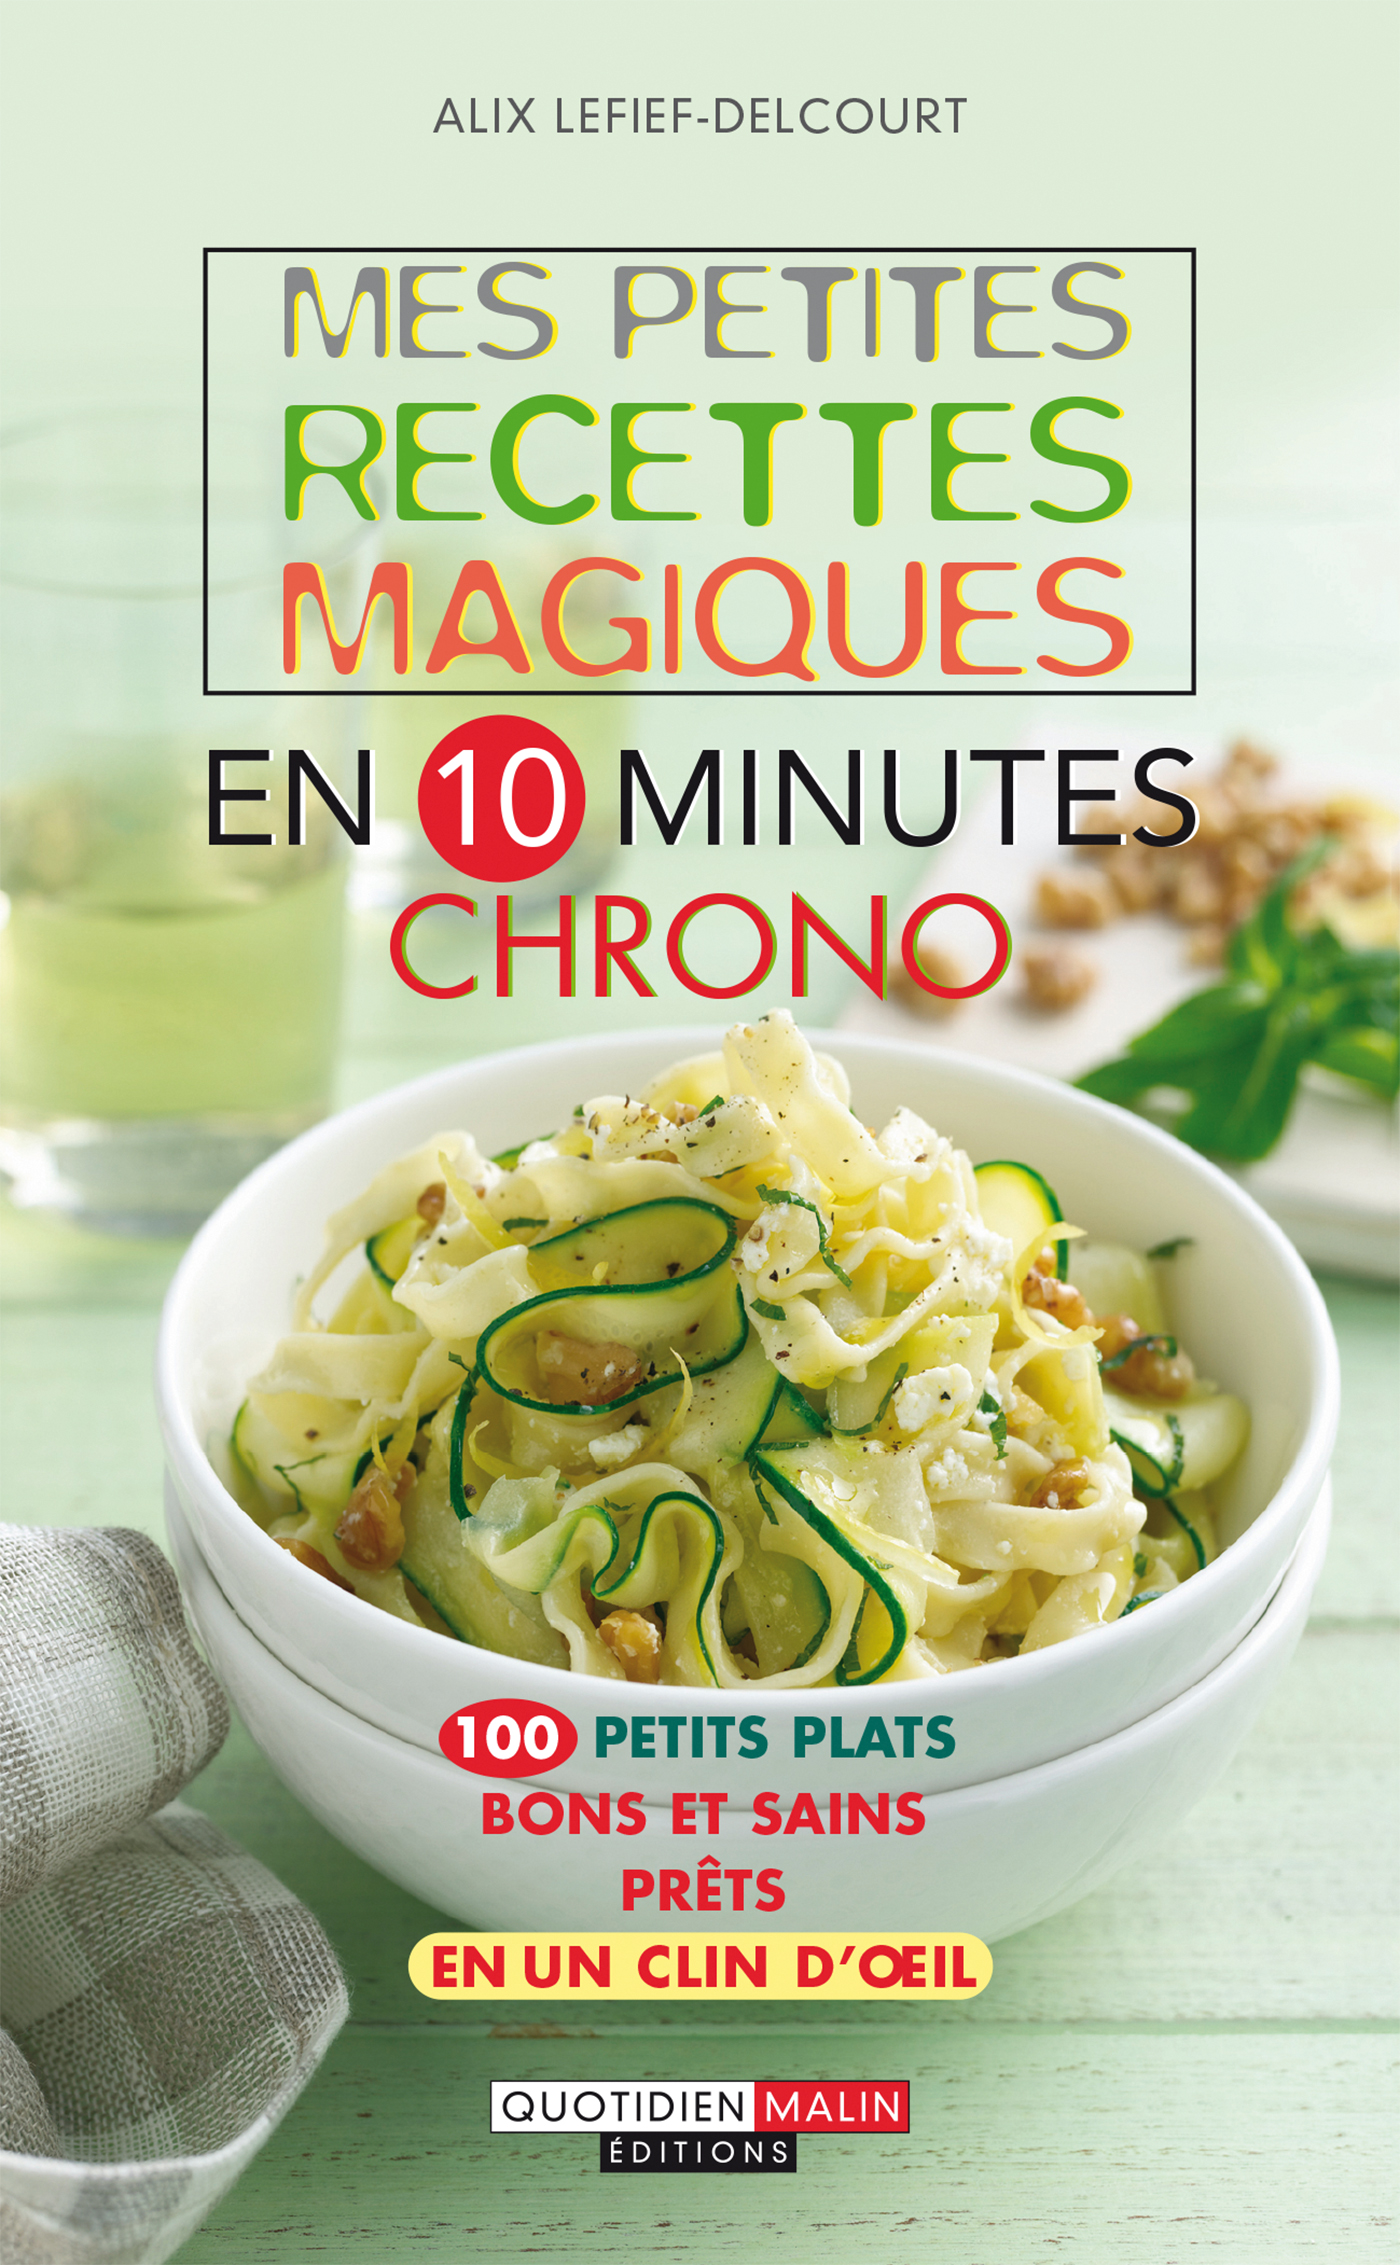 Recette cuisine 10 minutes un site culinaire populaire - Cuisine tv recettes minutes chrono ...